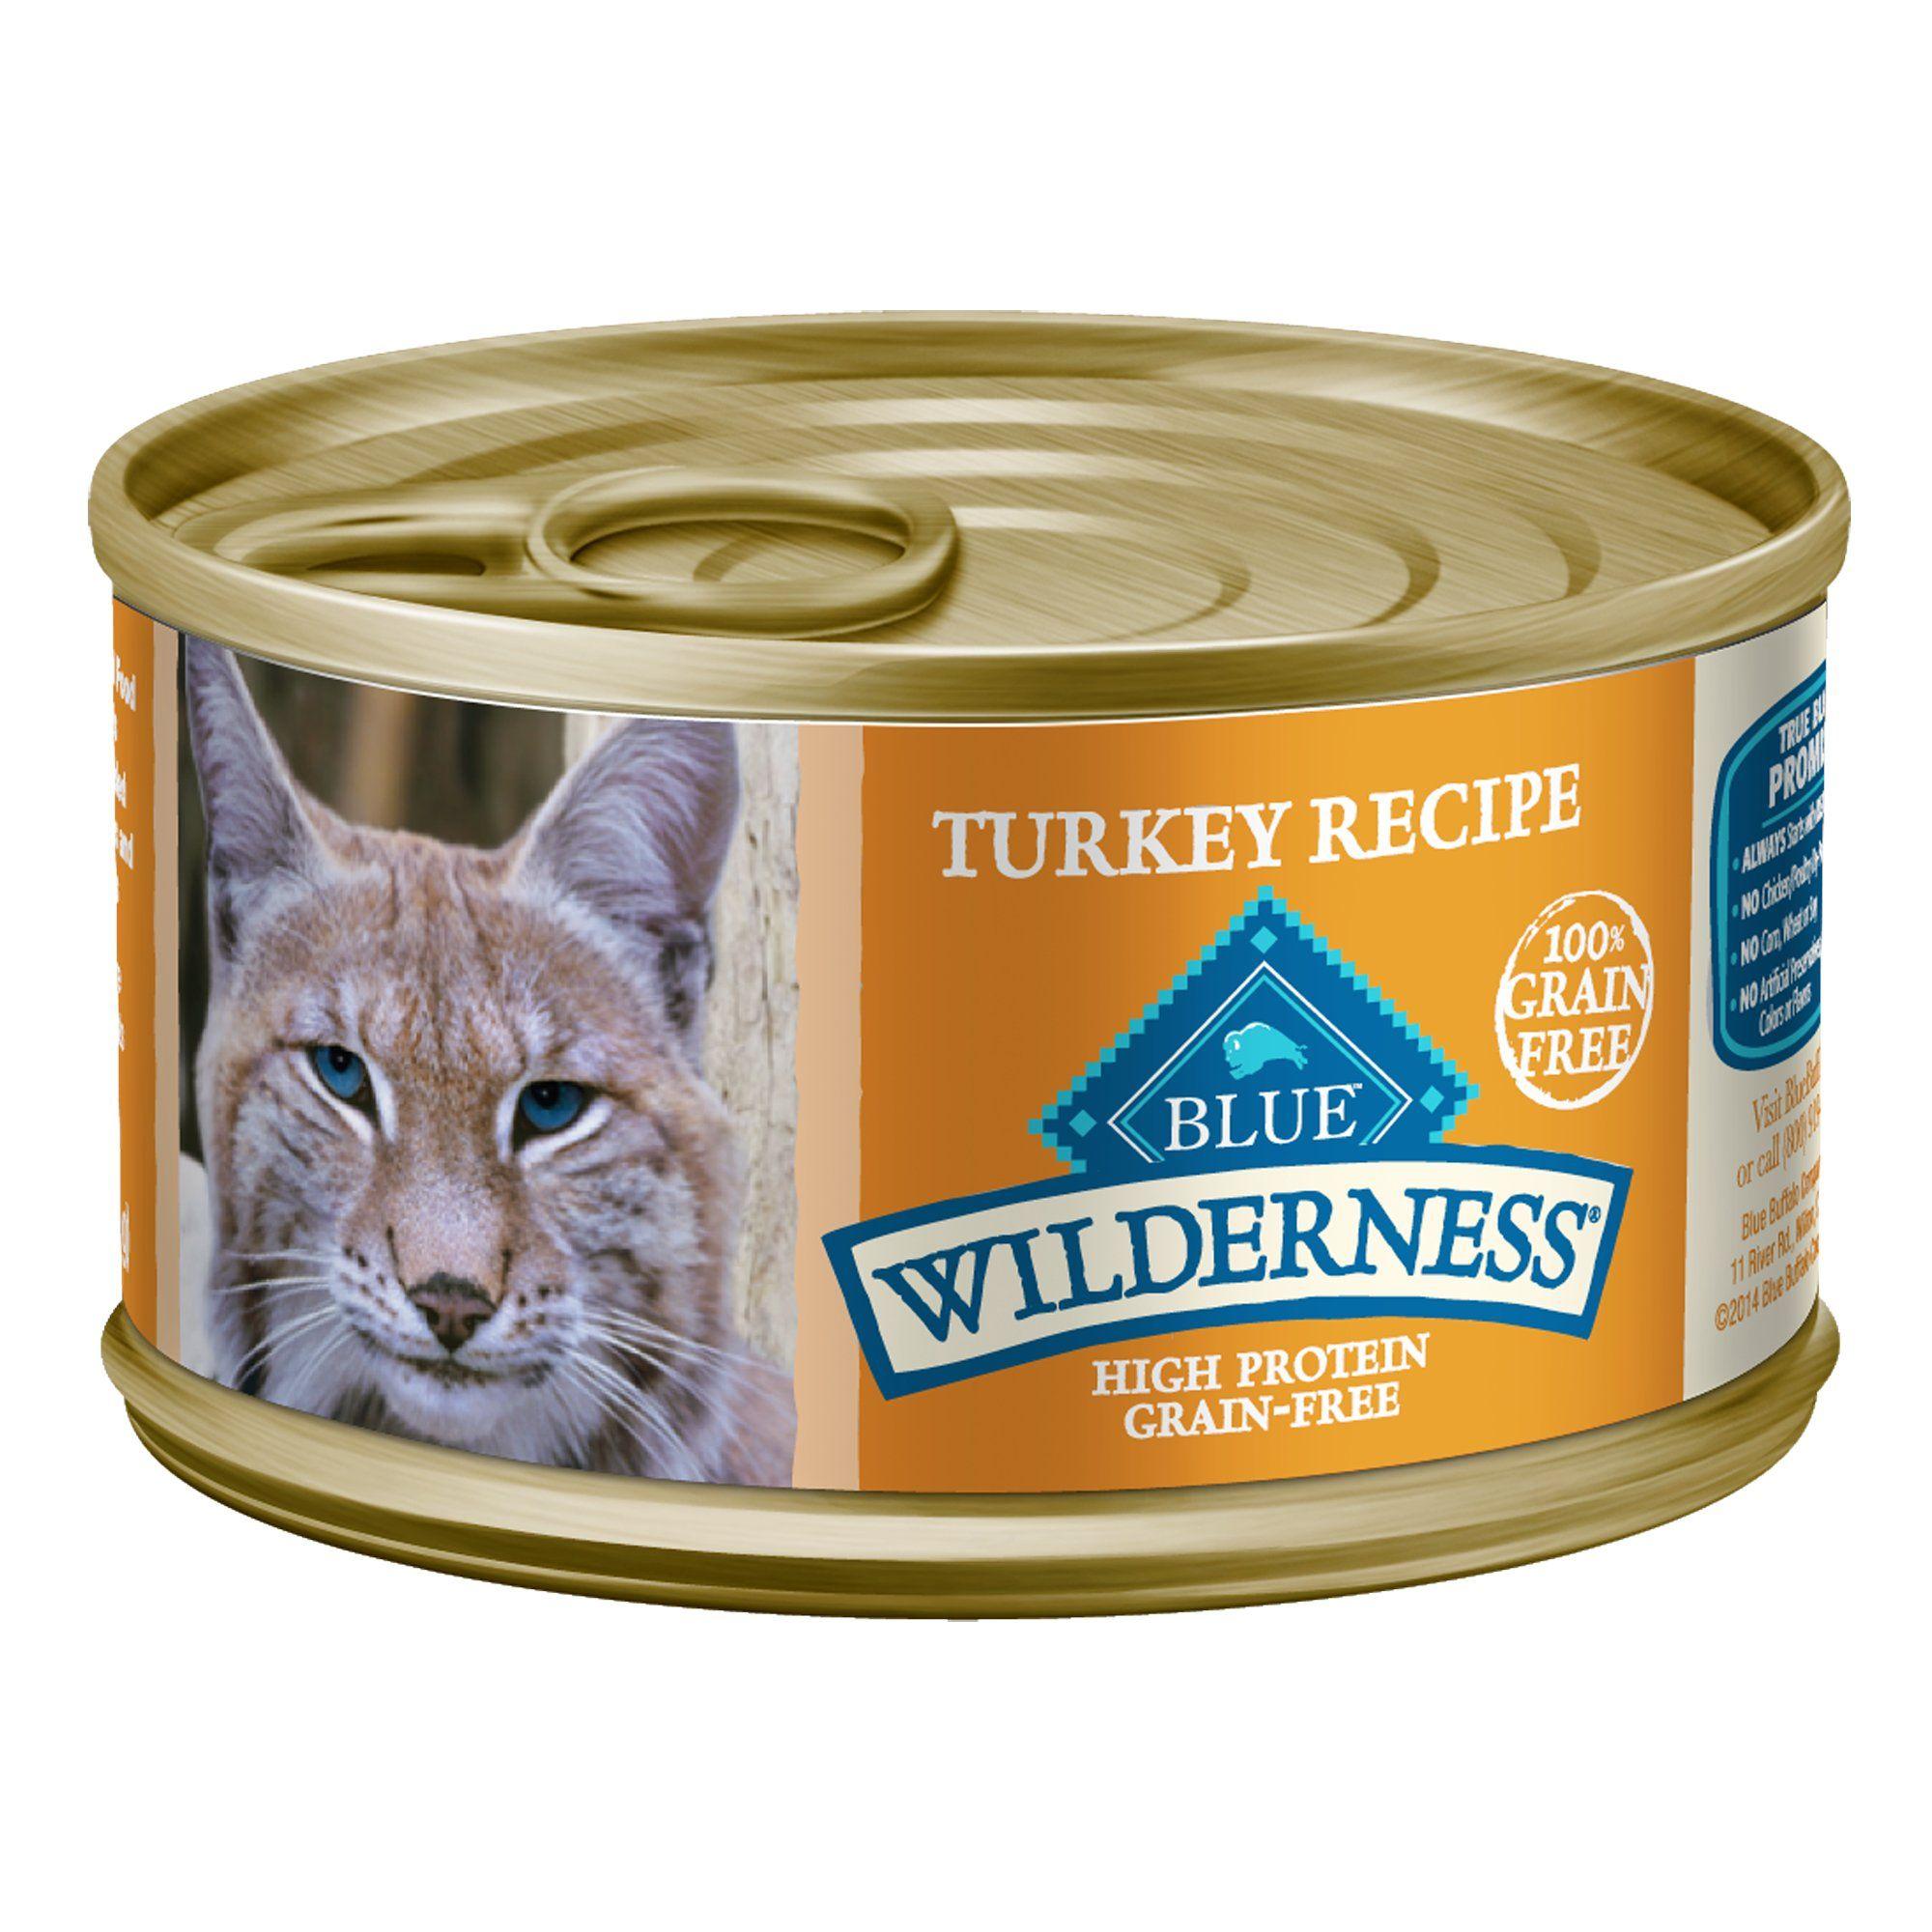 Blue Buffalo Blue Wilderness Turkey Recipe Wet Cat Food, 3